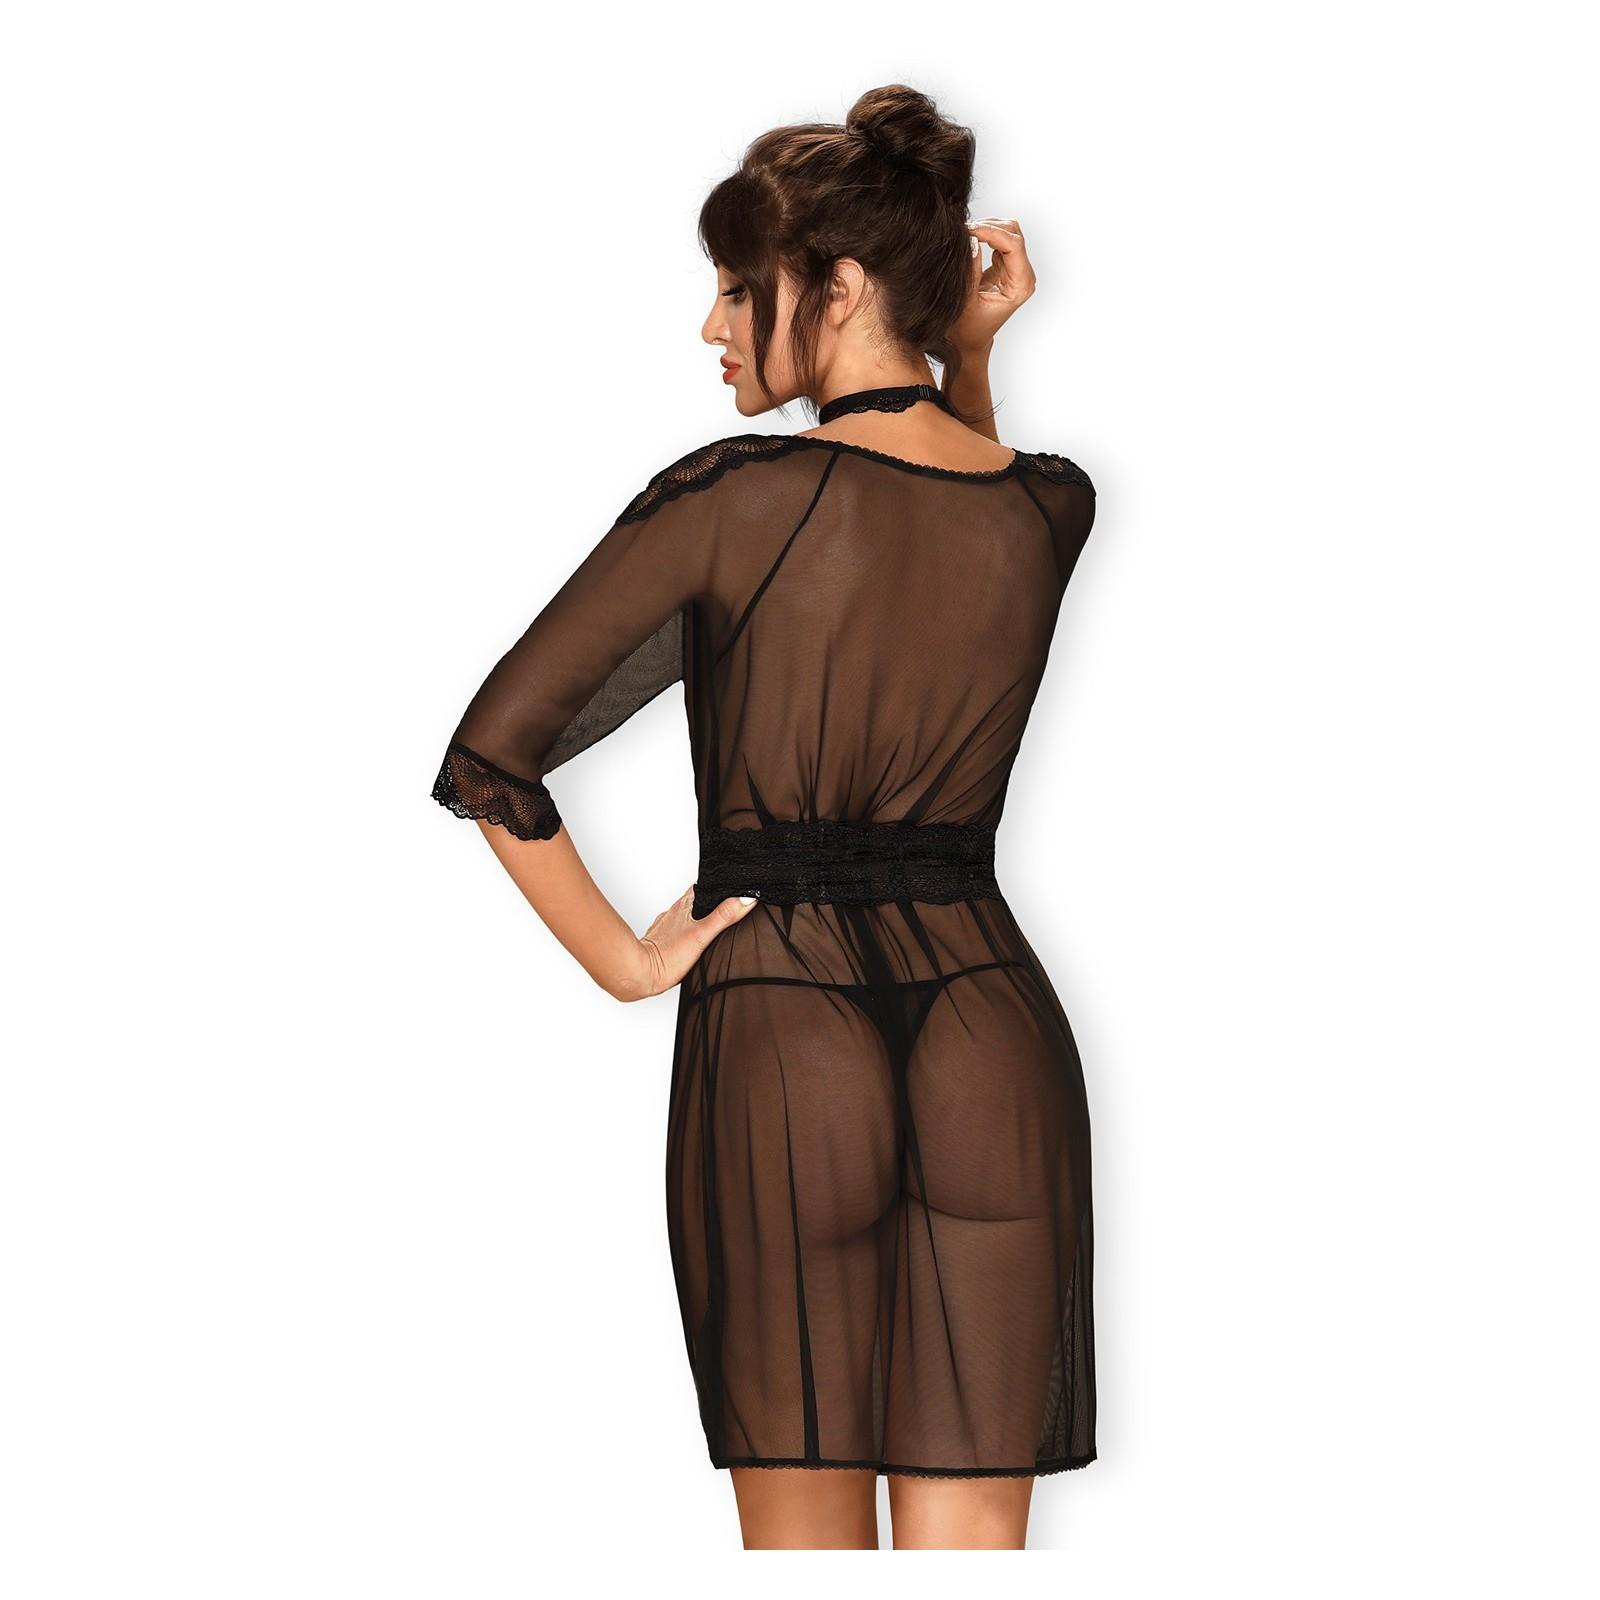 Lucita Peignoir - 4 - Vorschaubild